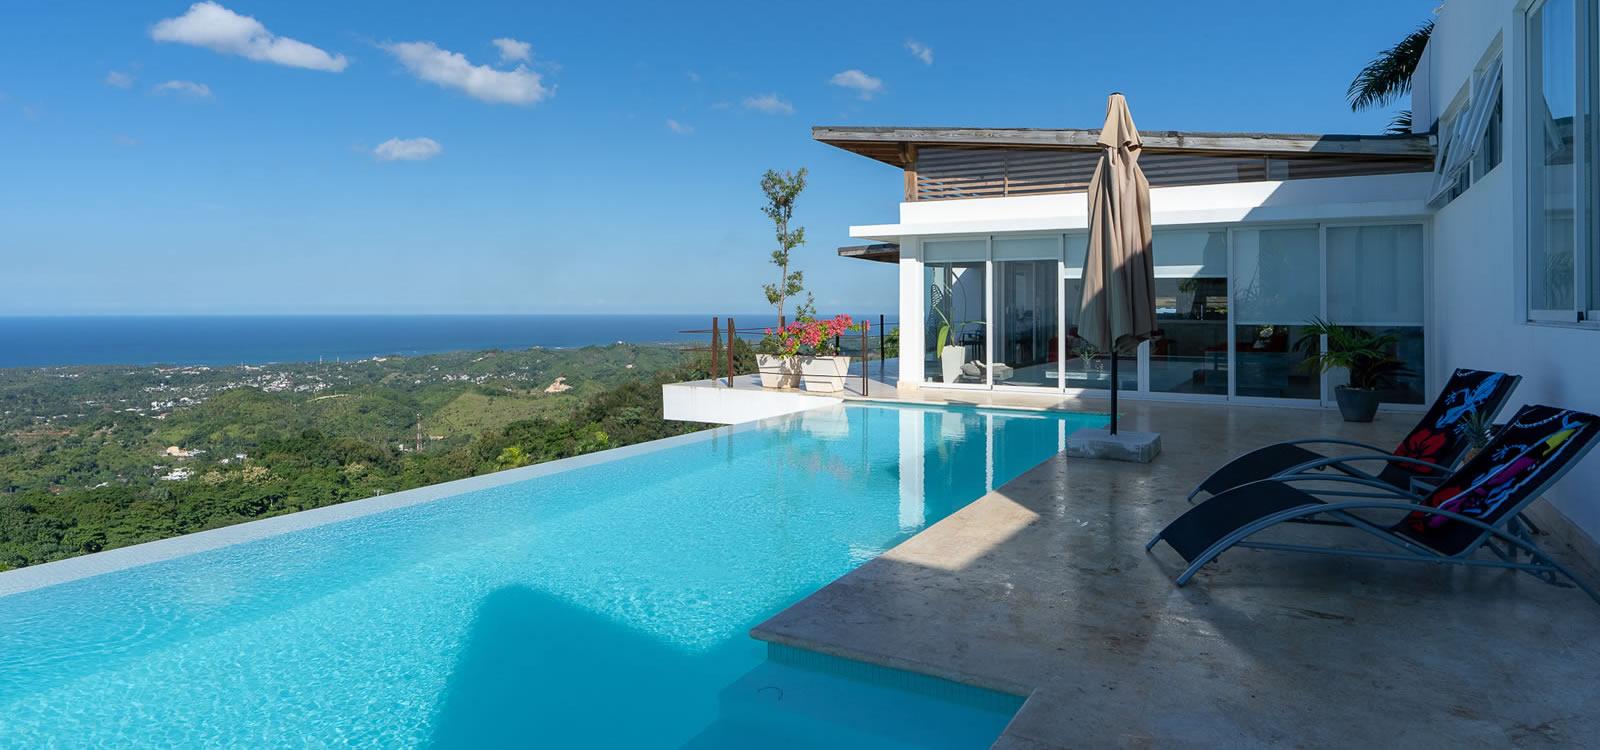 4 Bedroom Villa For Jamito Las